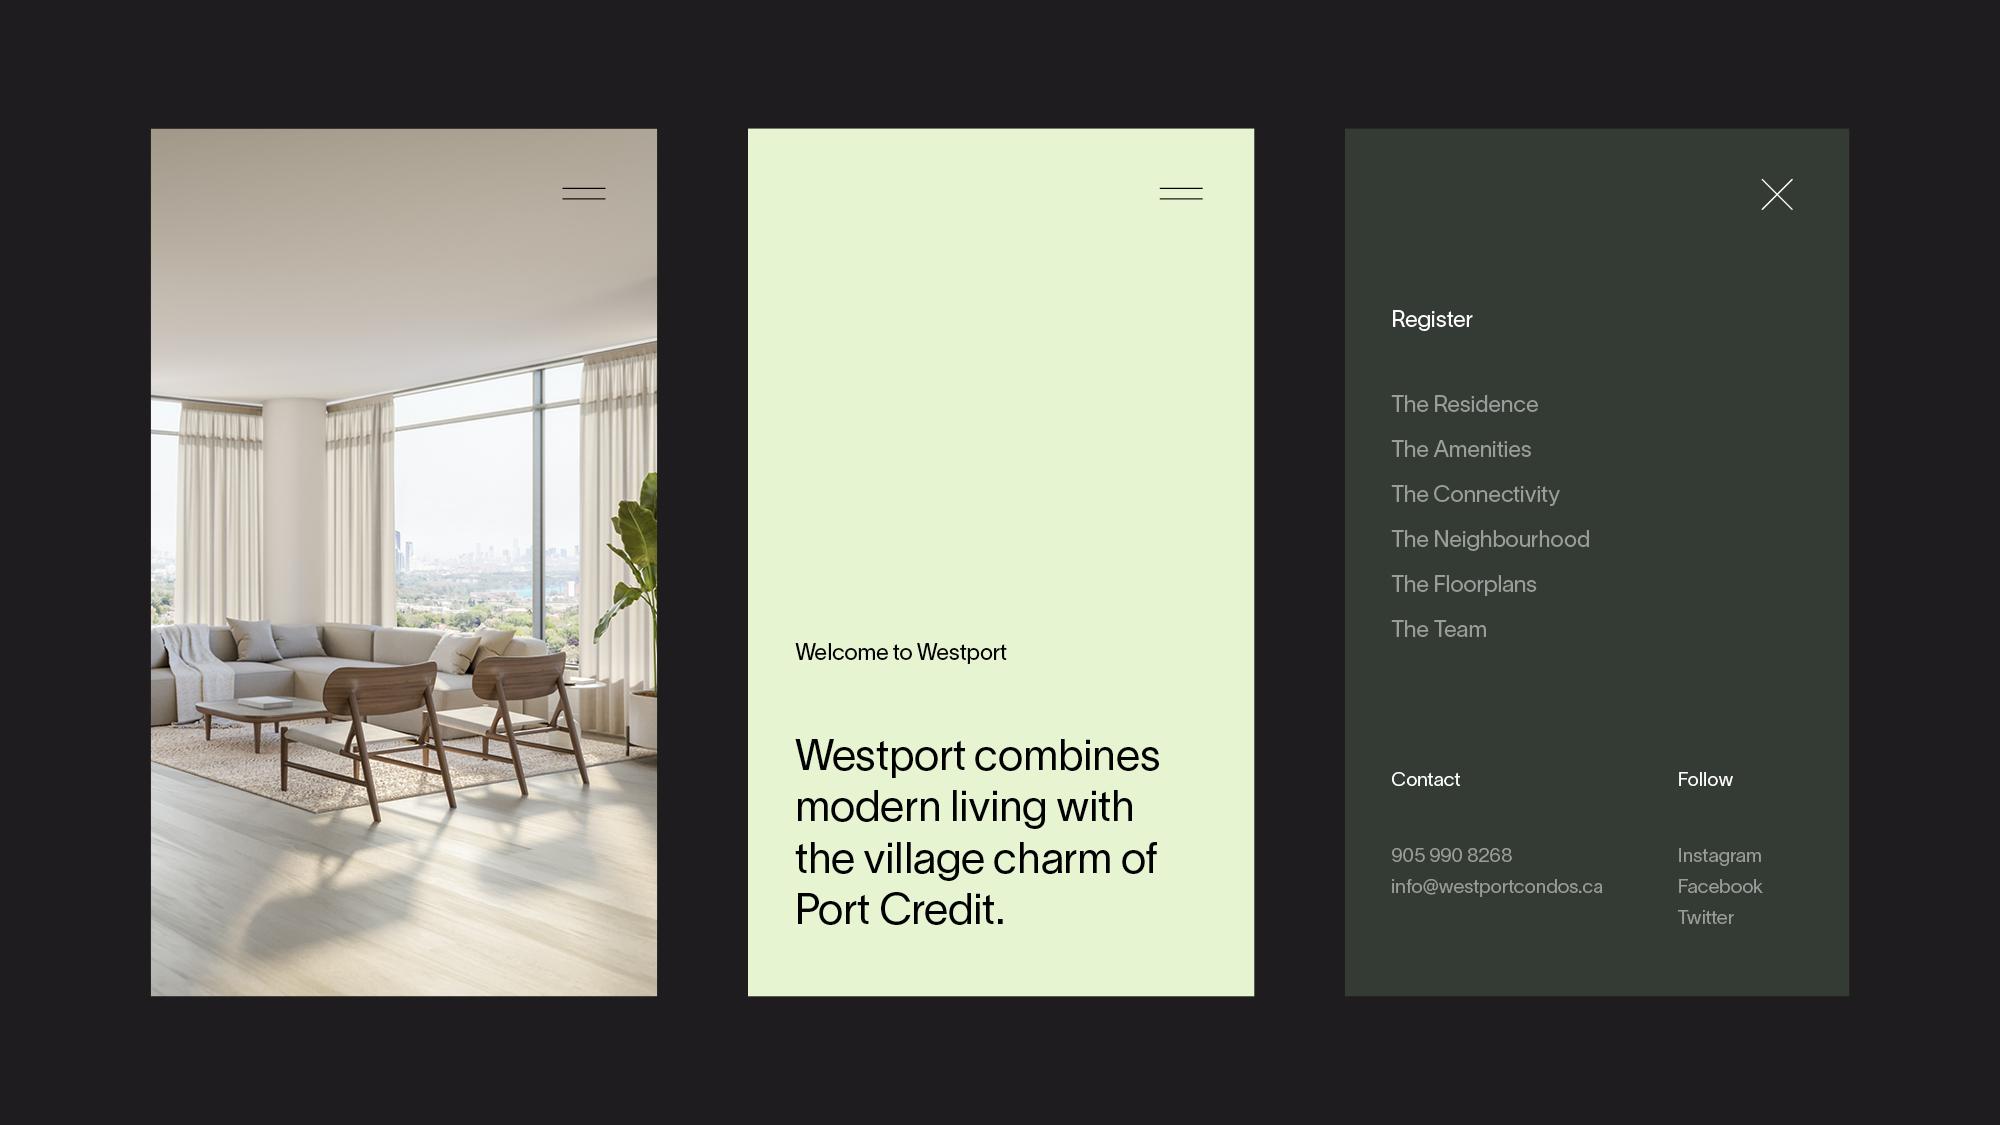 Vanderbrand_Westport_Mobile2